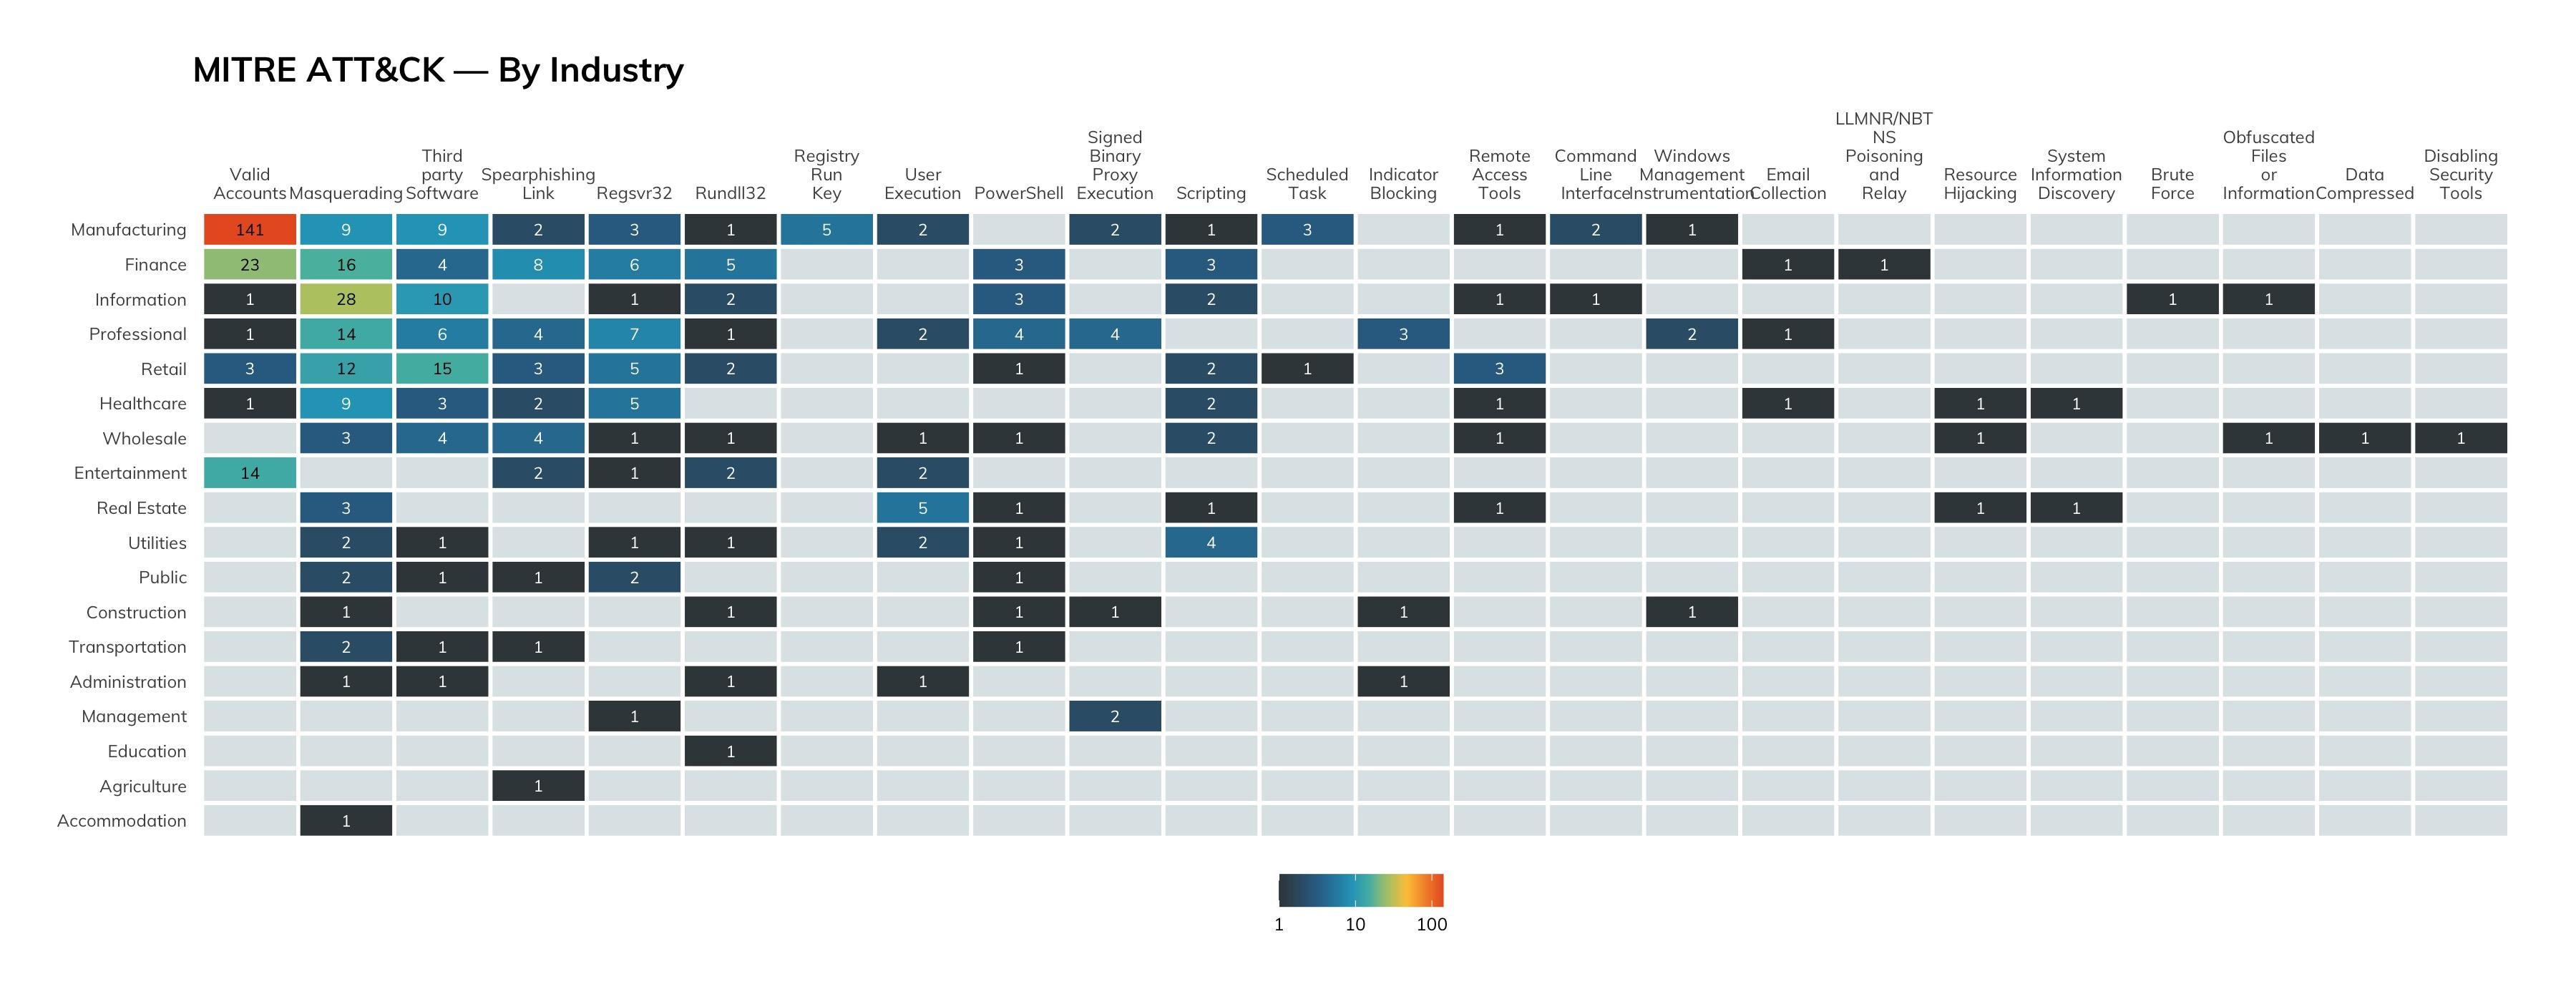 Figure 9: MITRE ATT&CK By Industry